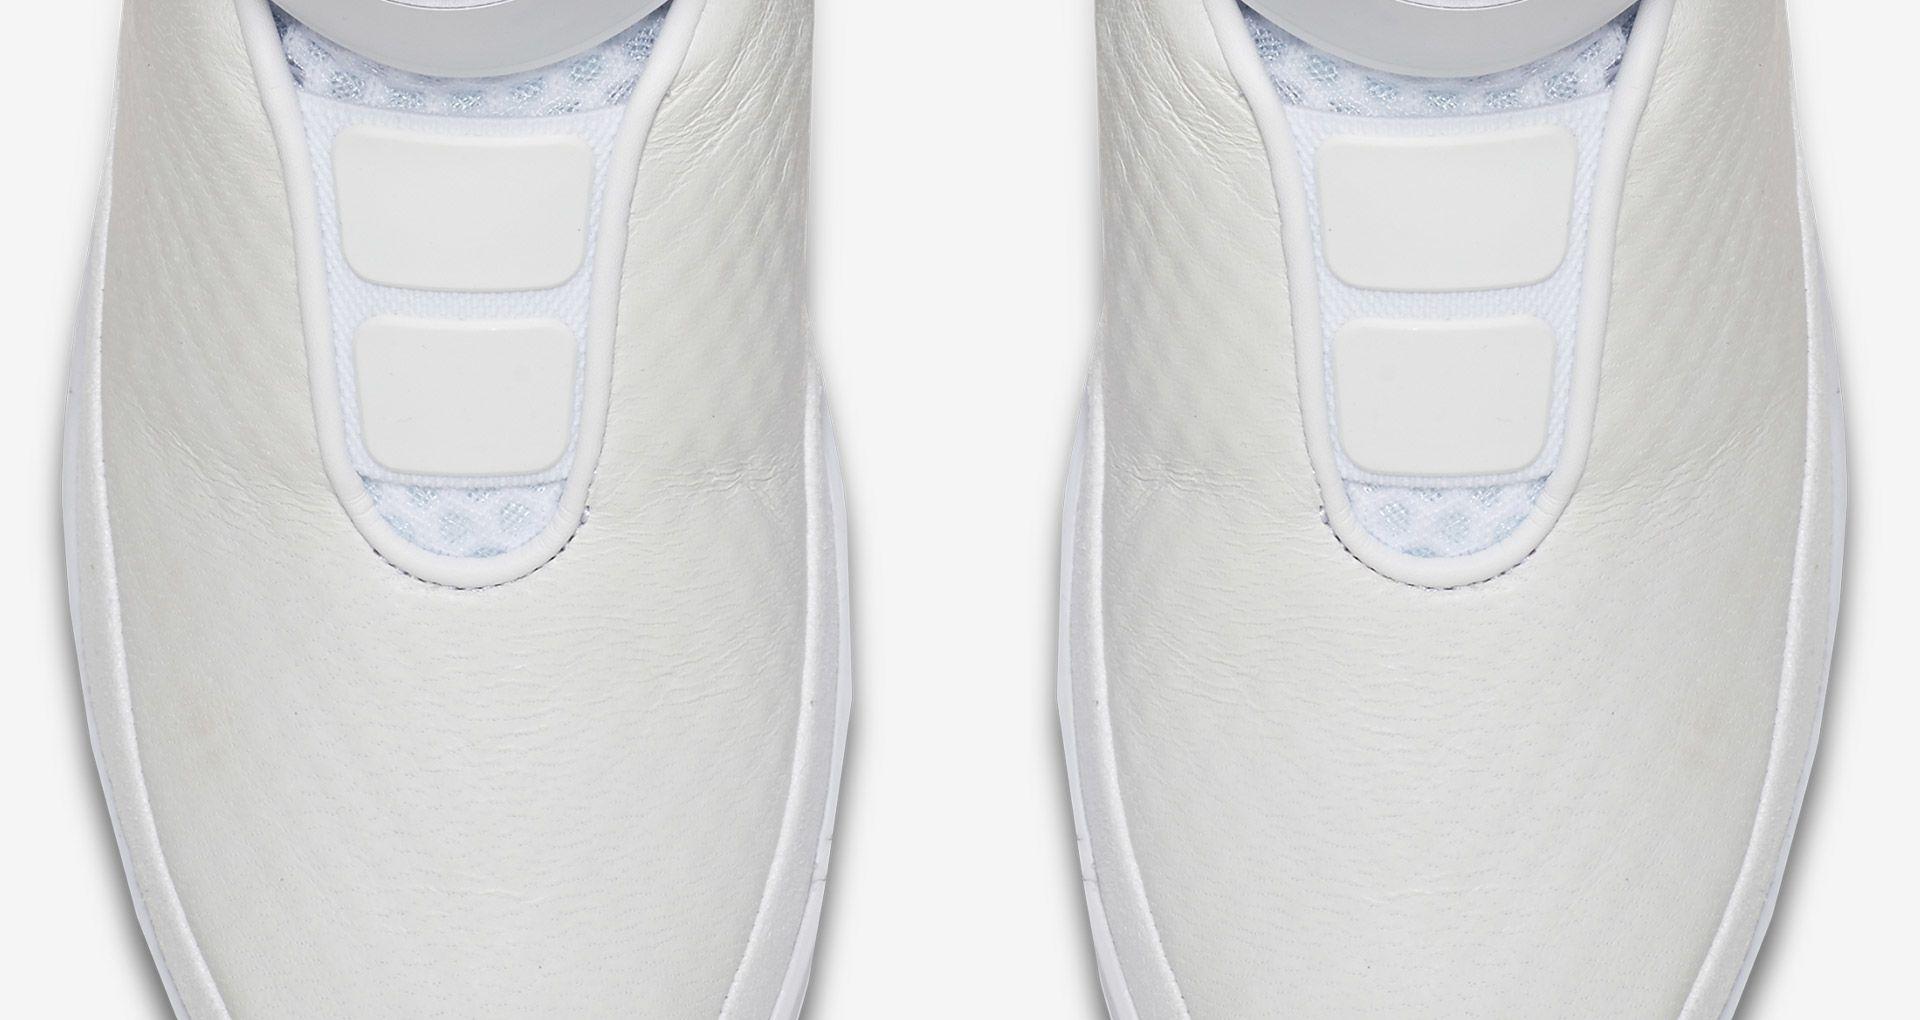 030dc30bd1e399 Nike Swoosh HNTR  On The Hunt  White. Nike+ SNKRS